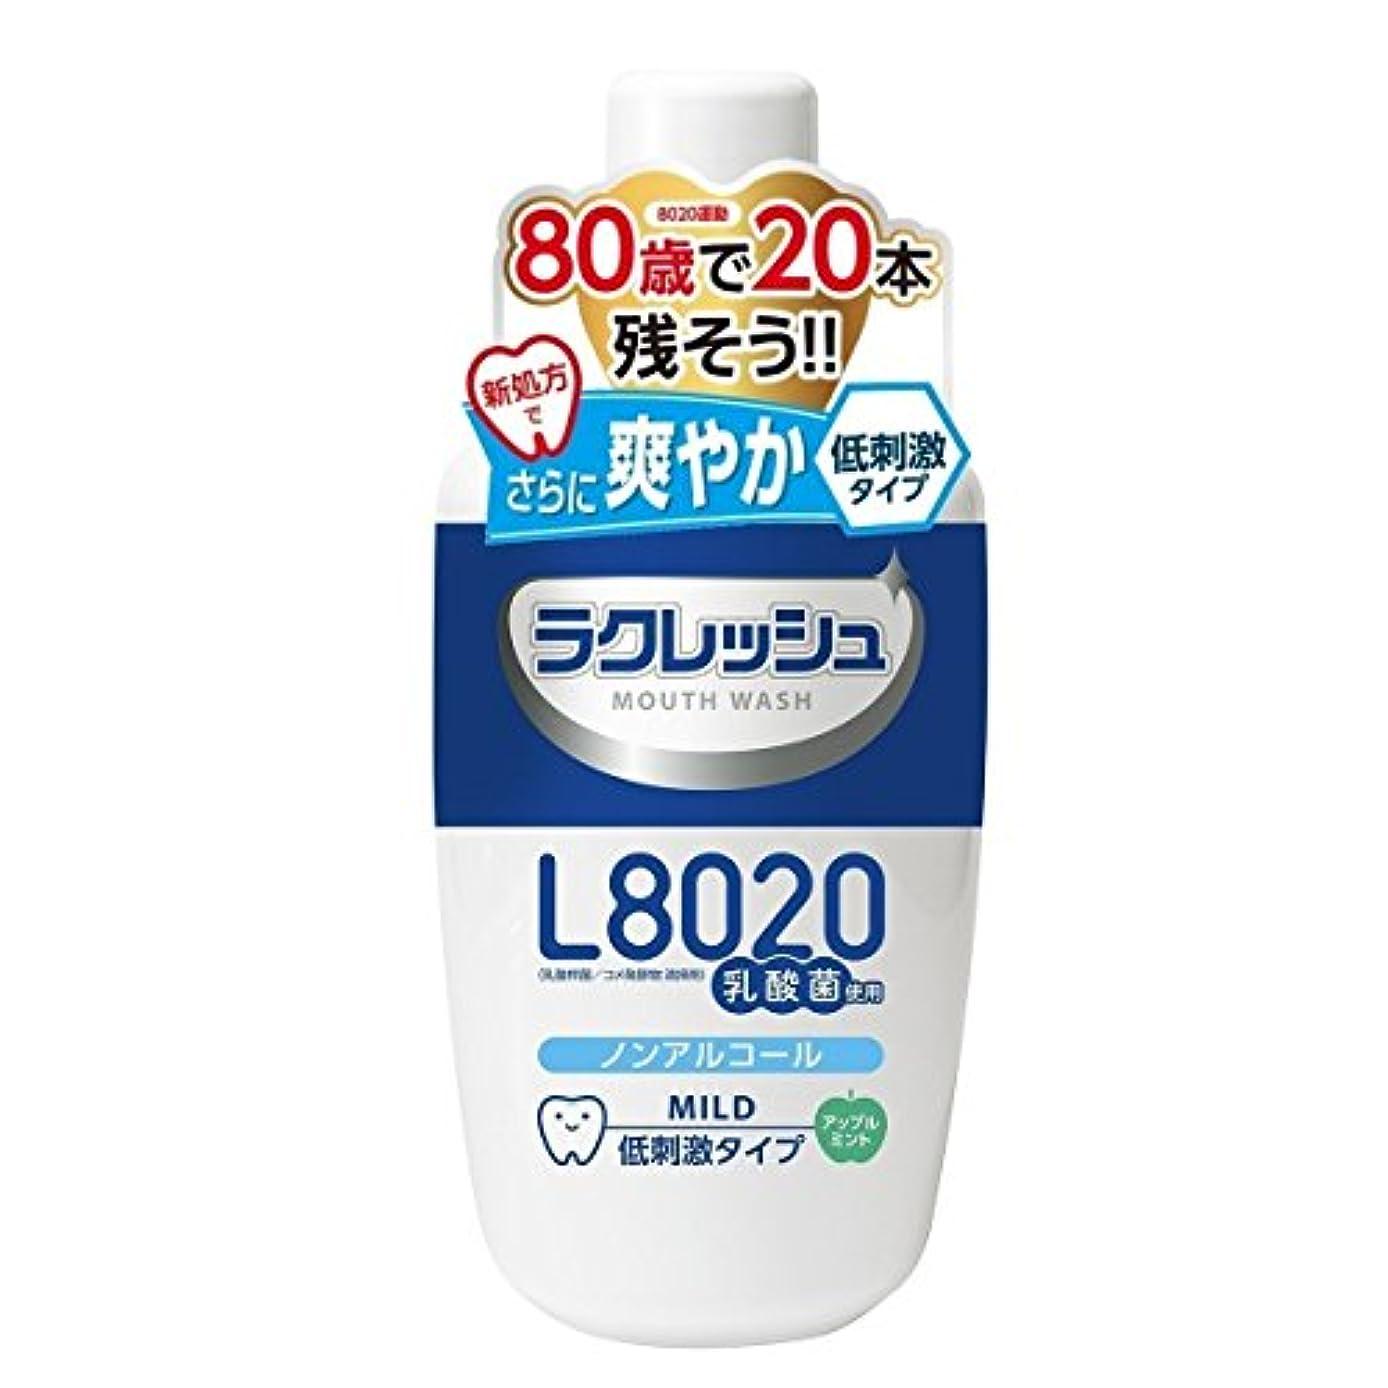 エゴイズム頬骨実現可能○ ラクレッシュ L8020菌使用 マウスウォッシュ ノンアルコールタイプ 300mL×48個セット 2ケース分